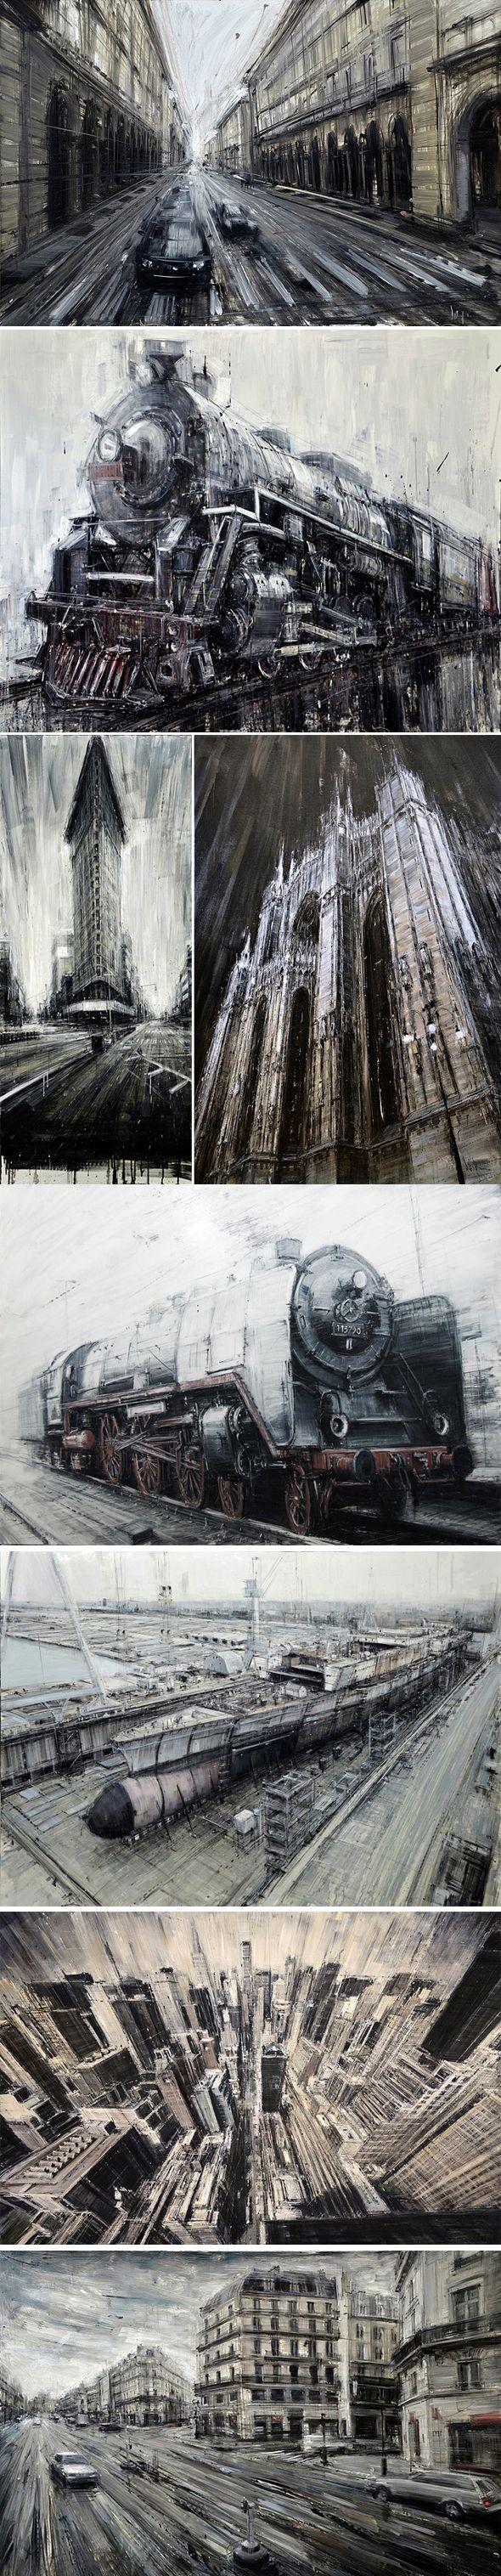 Peintures à l'huile par Valerio D'Ospina - Journal du Design